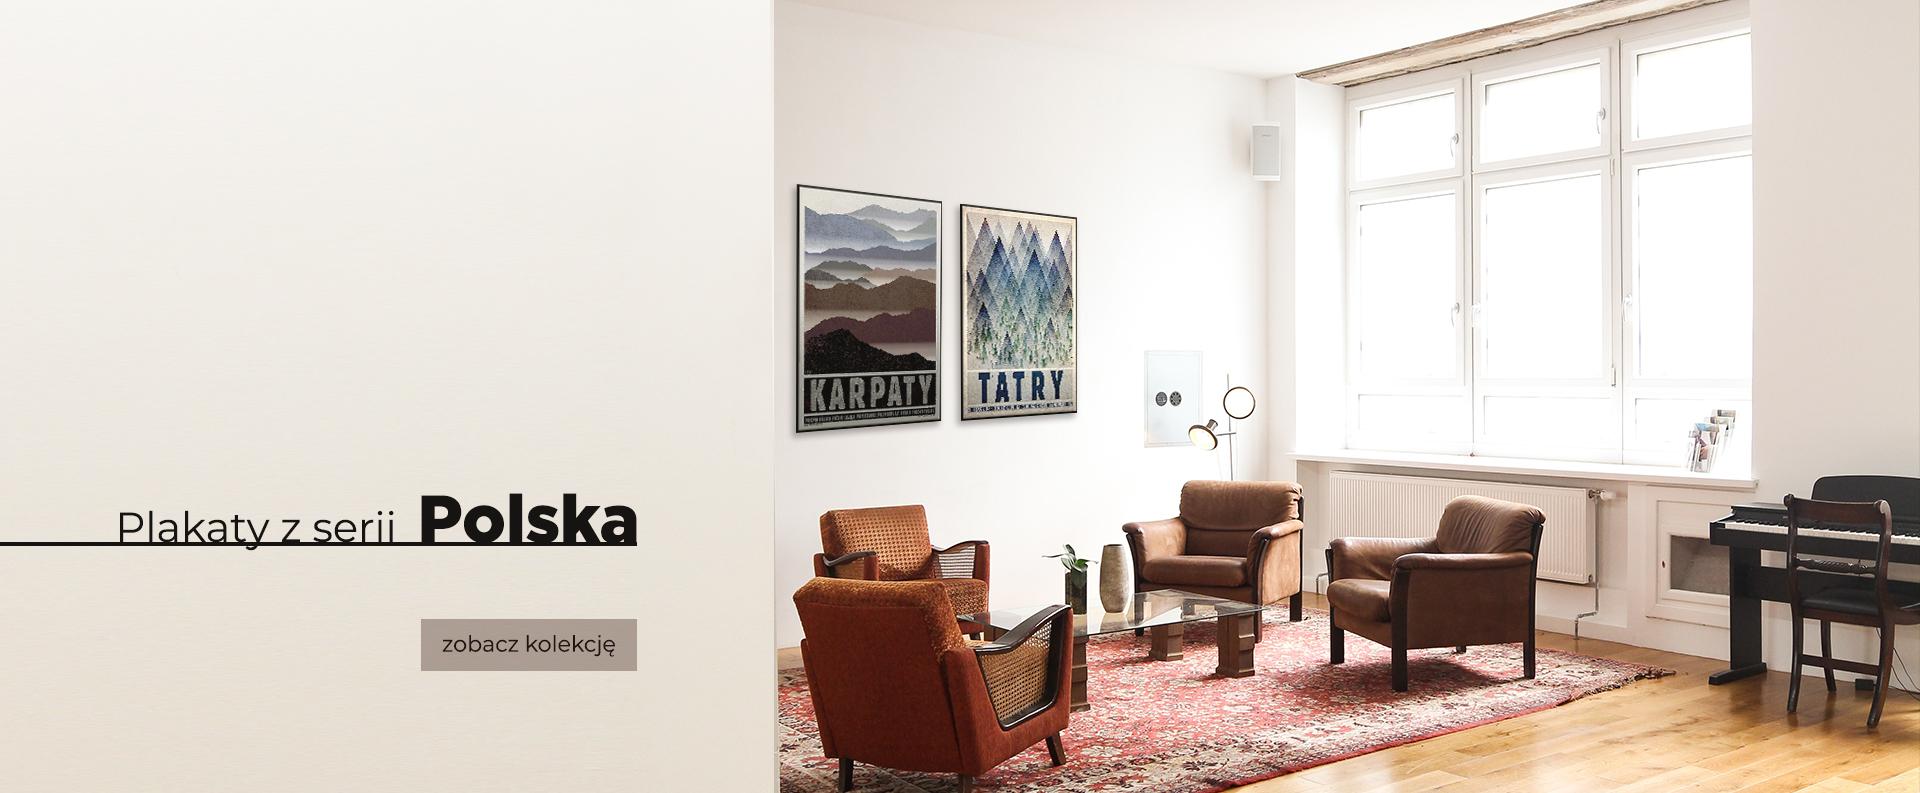 plakaty ryszard kaja seria polska